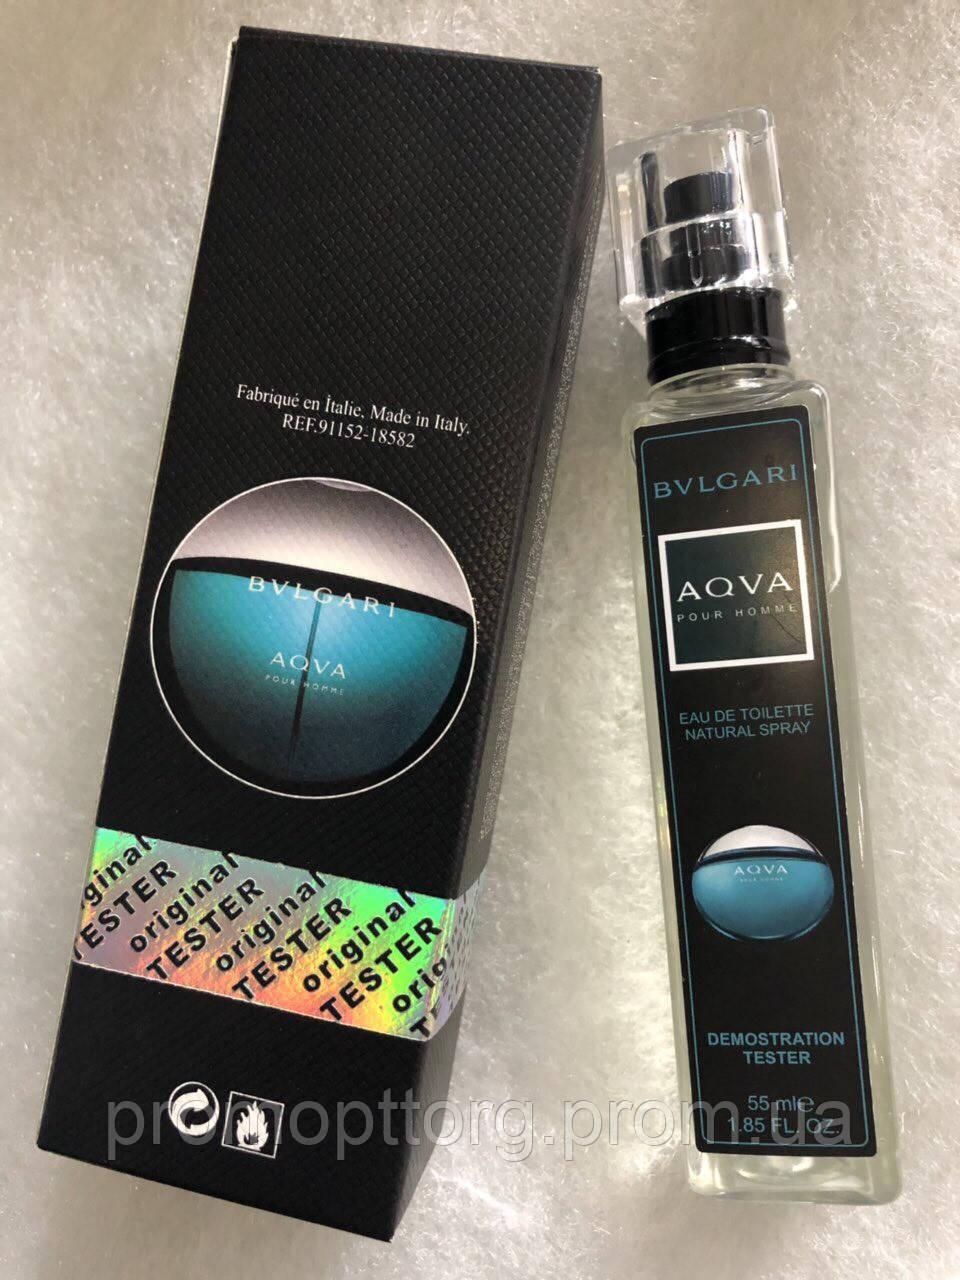 Мужской парфюм Bvlgari Aqua pour homme тестер 55 ml (реплика)